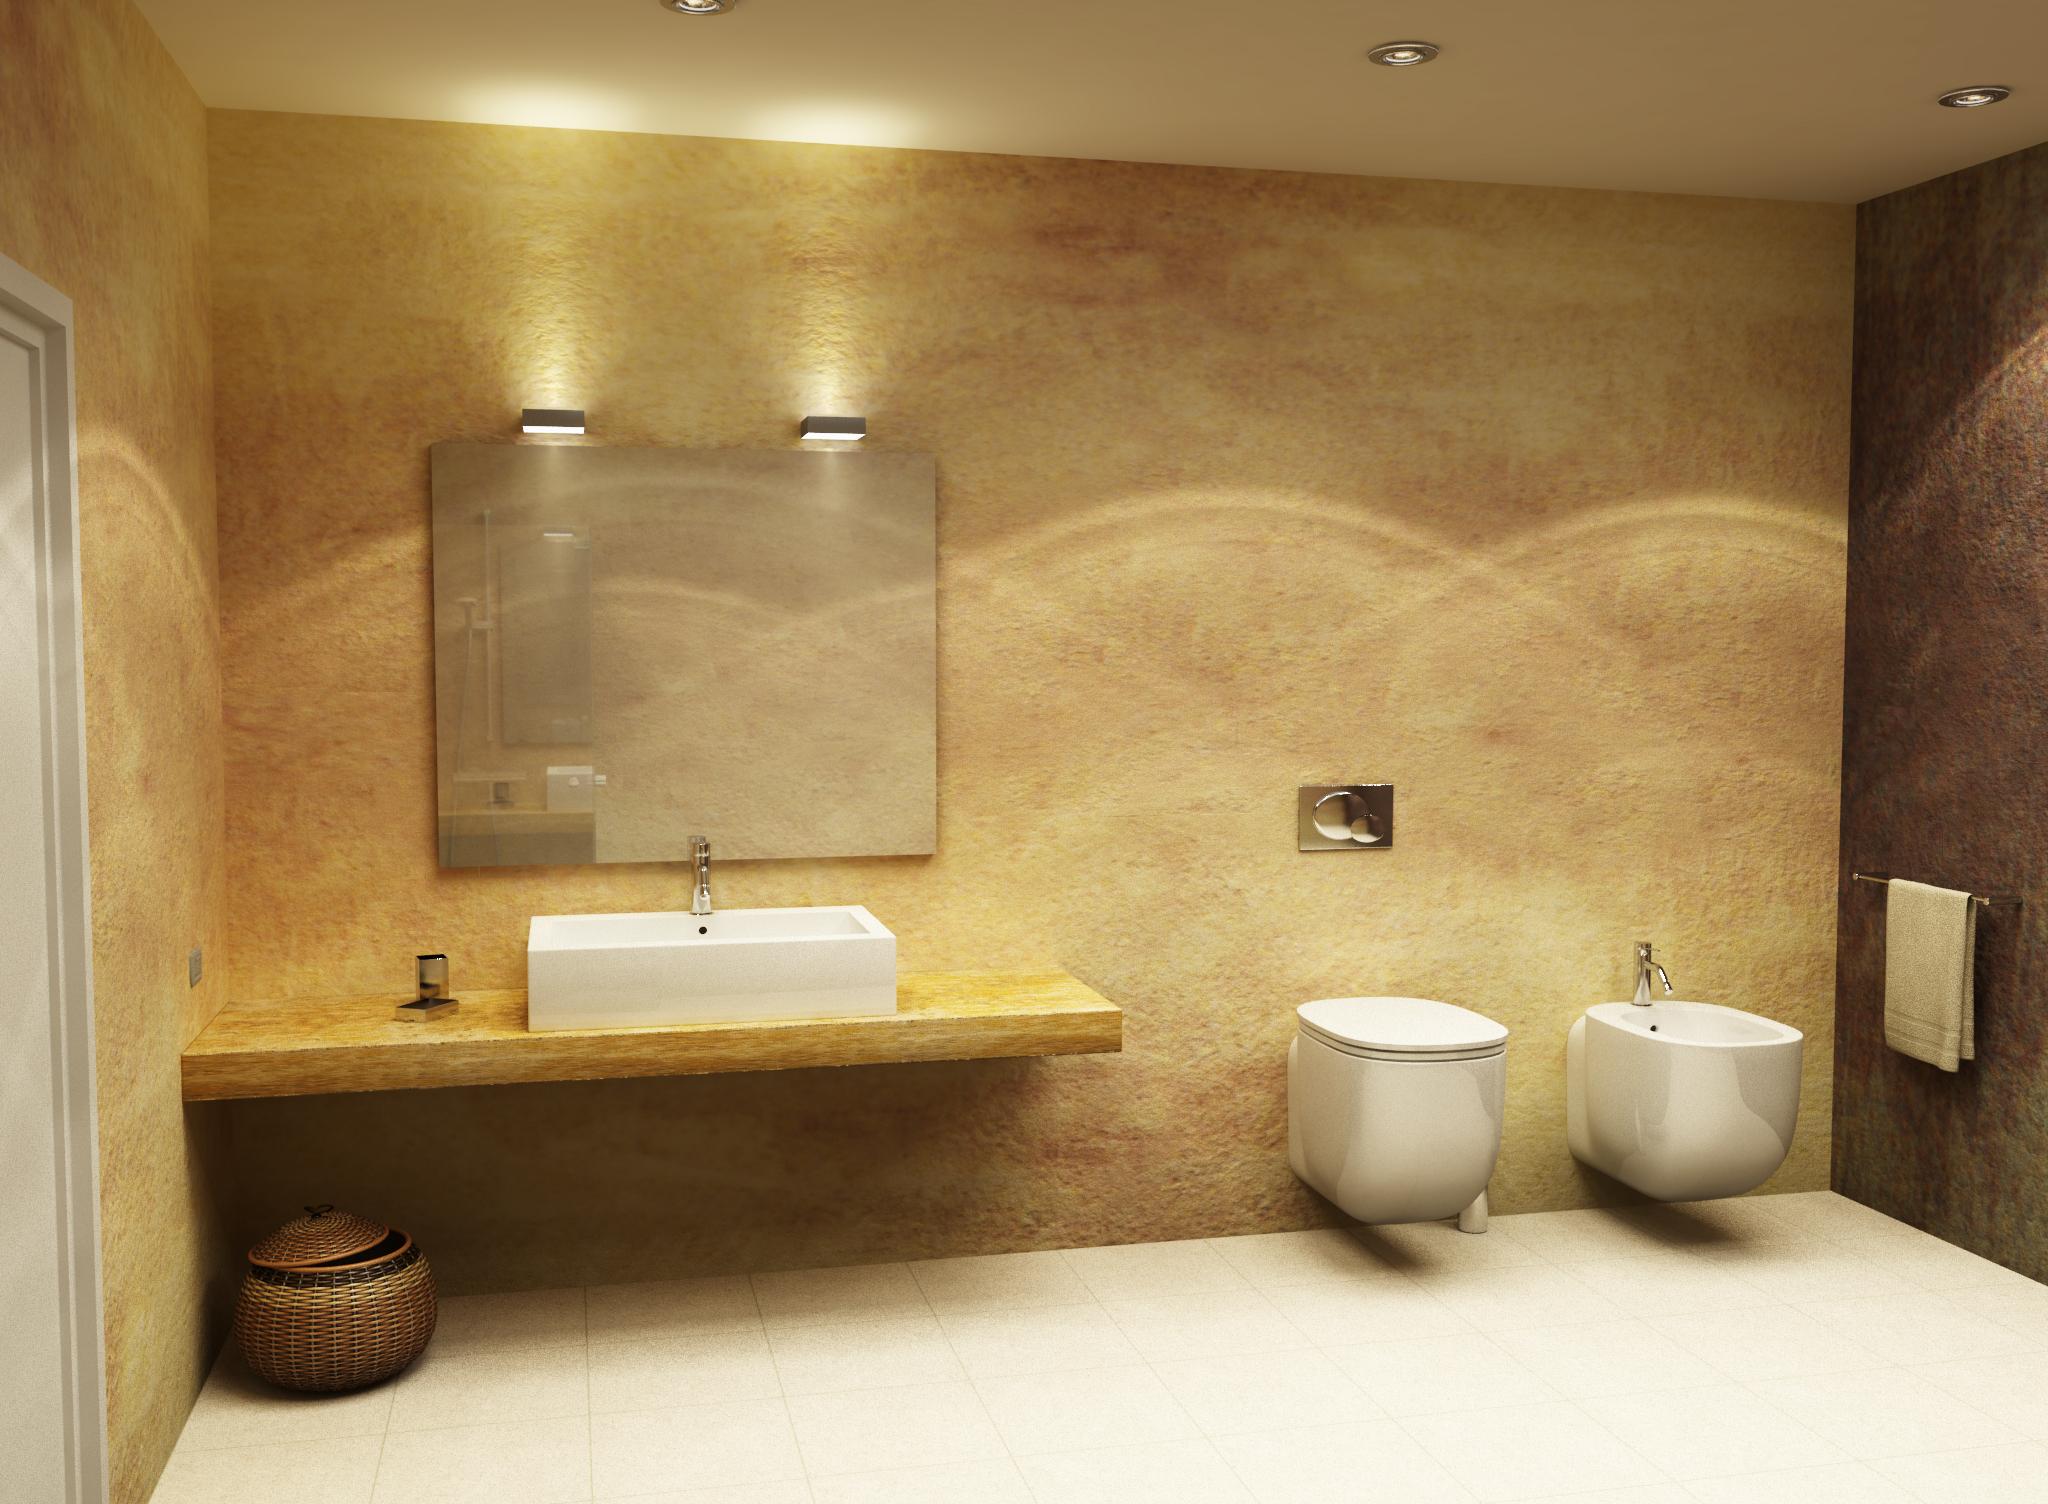 Costi per un bagno beautiful costo per rifare un bagno - Costo per fare un bagno ...